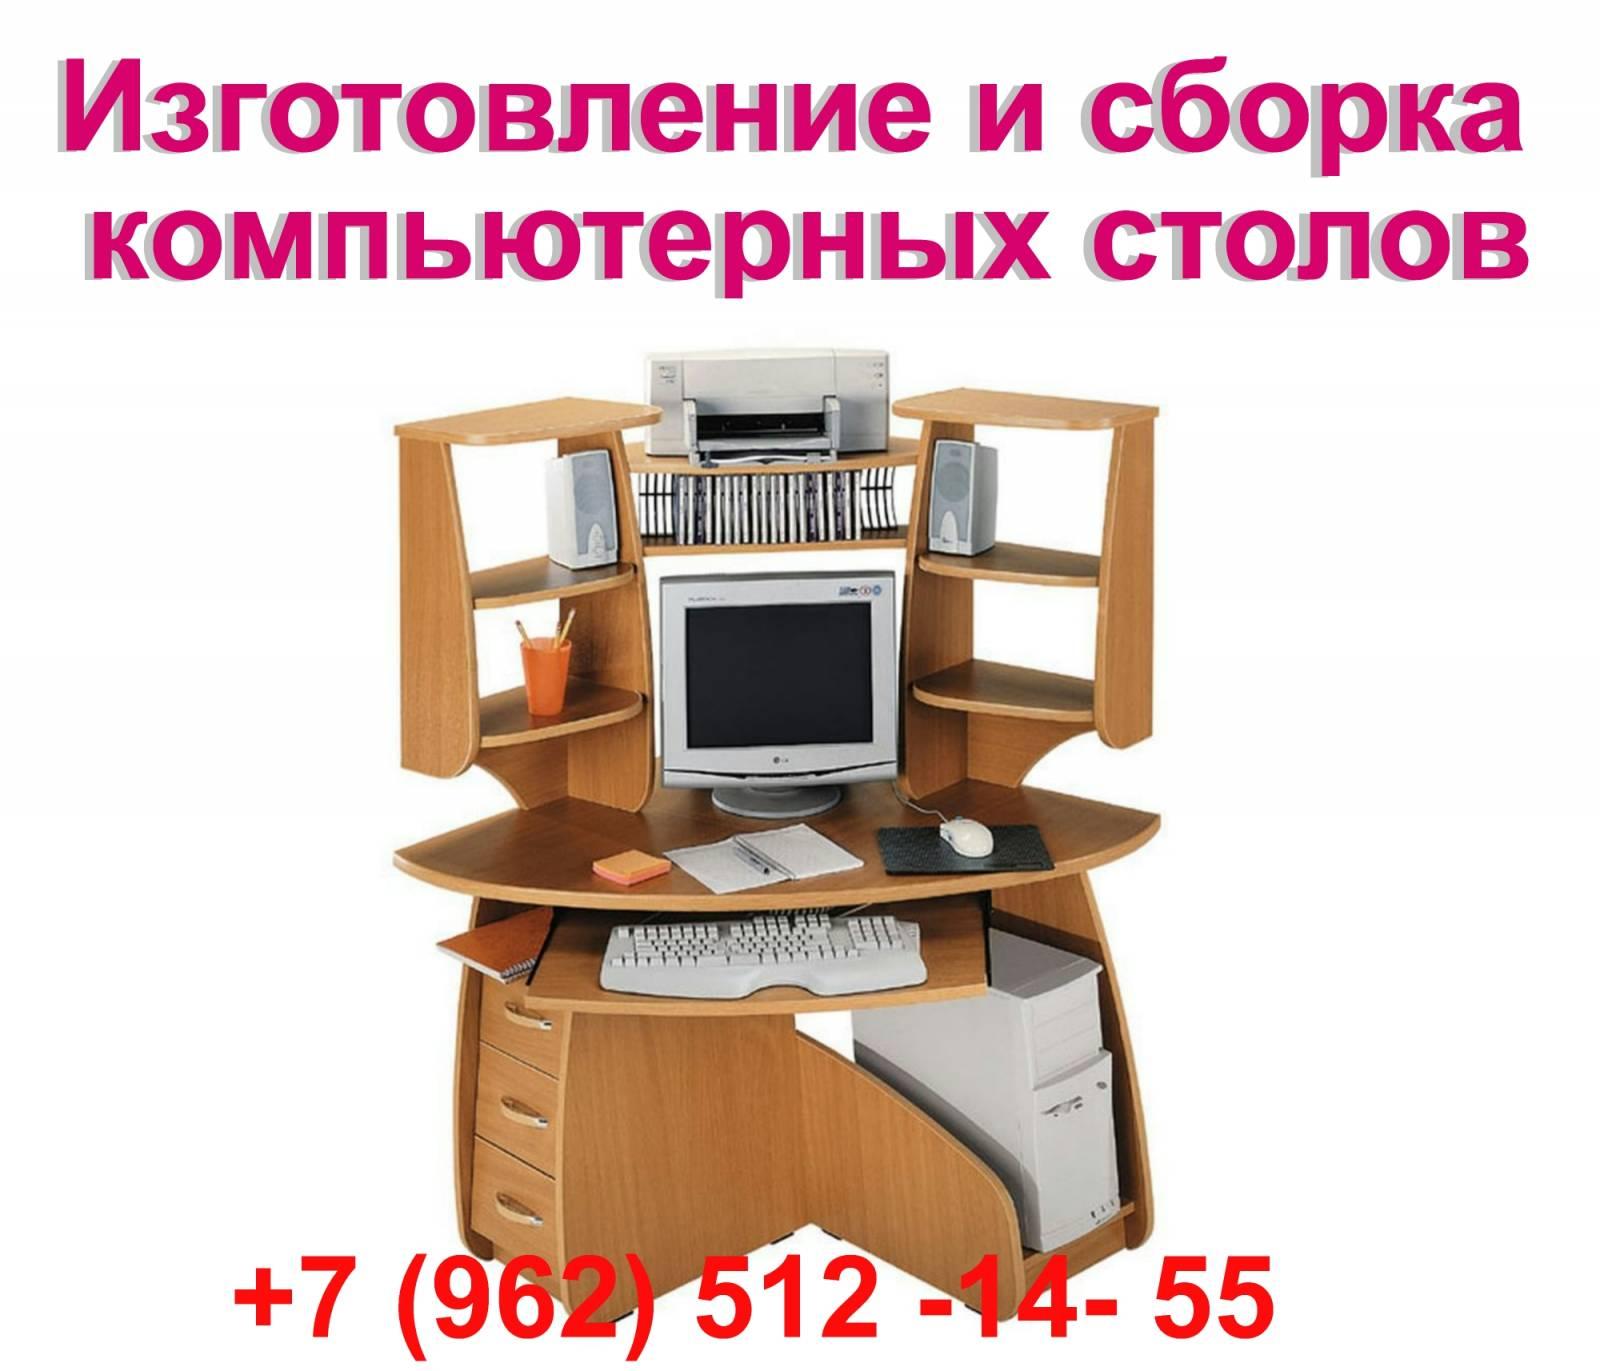 Изготовление компьютерной мебели- сборка мебели - мебель сбо.